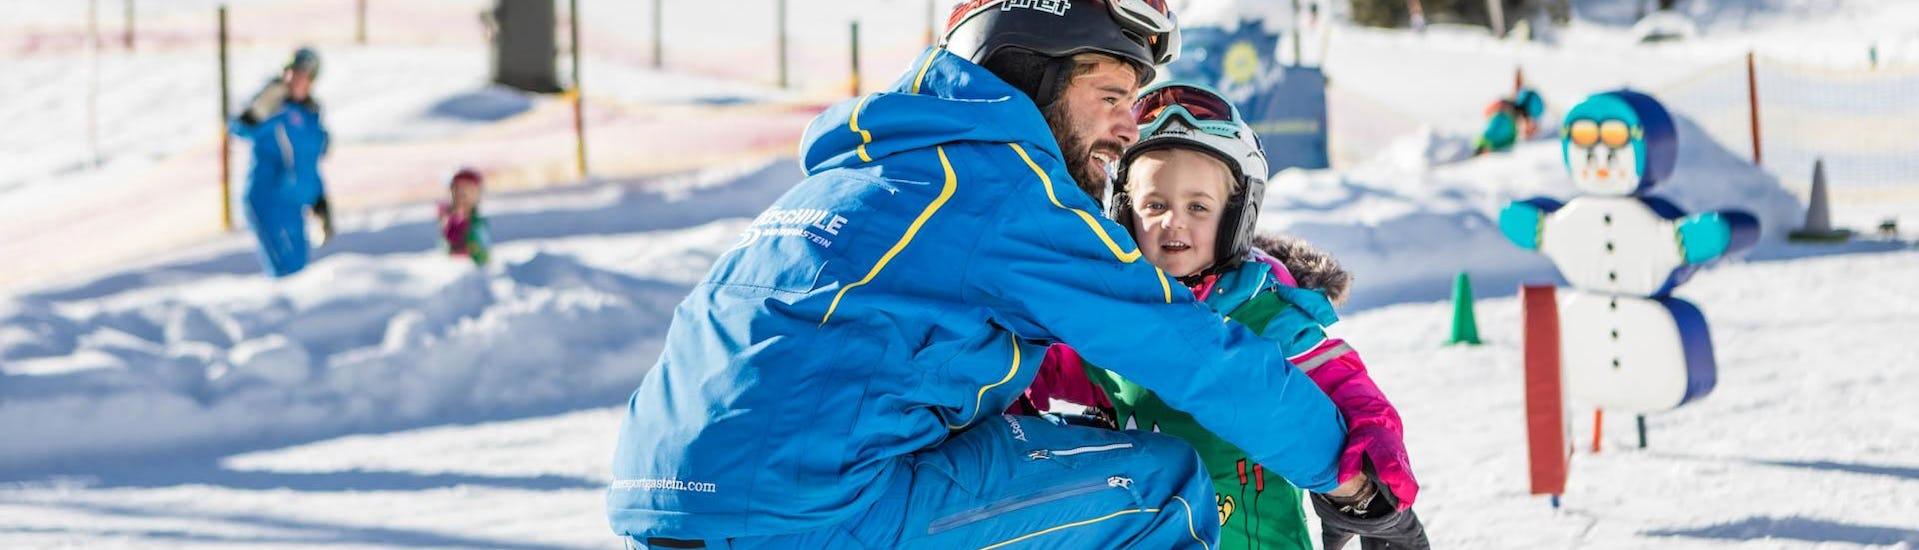 """Skikurs 'Miniklub"""" für Kinder (3-4 Jahre)"""